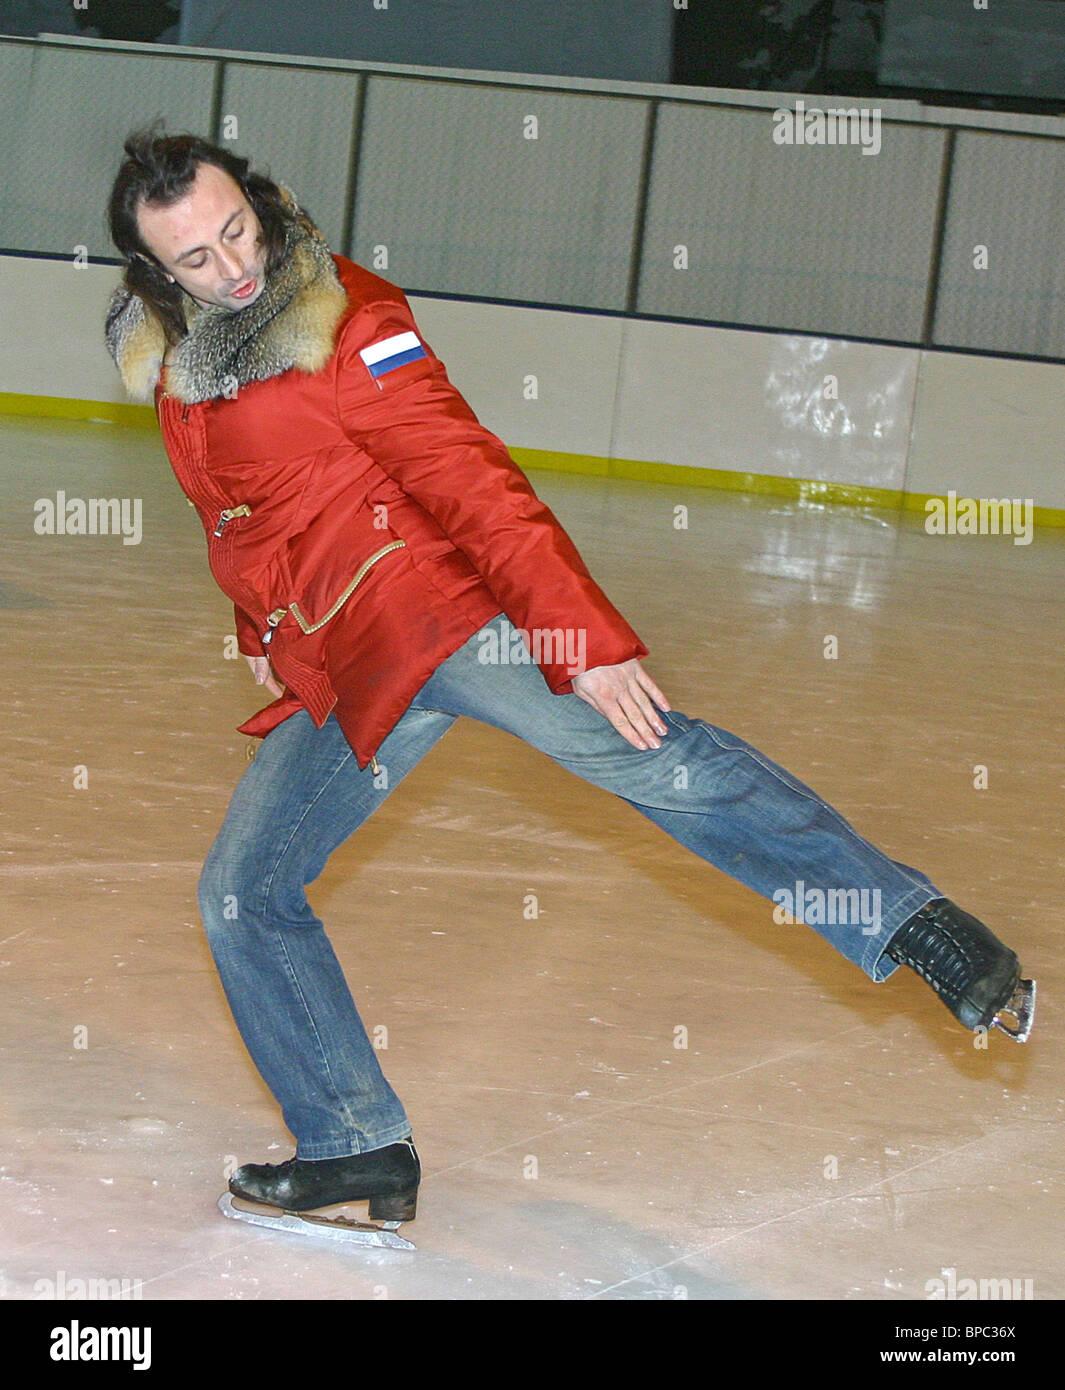 Ilya Averbukh stole Yagudin from his wife 12/24/2010